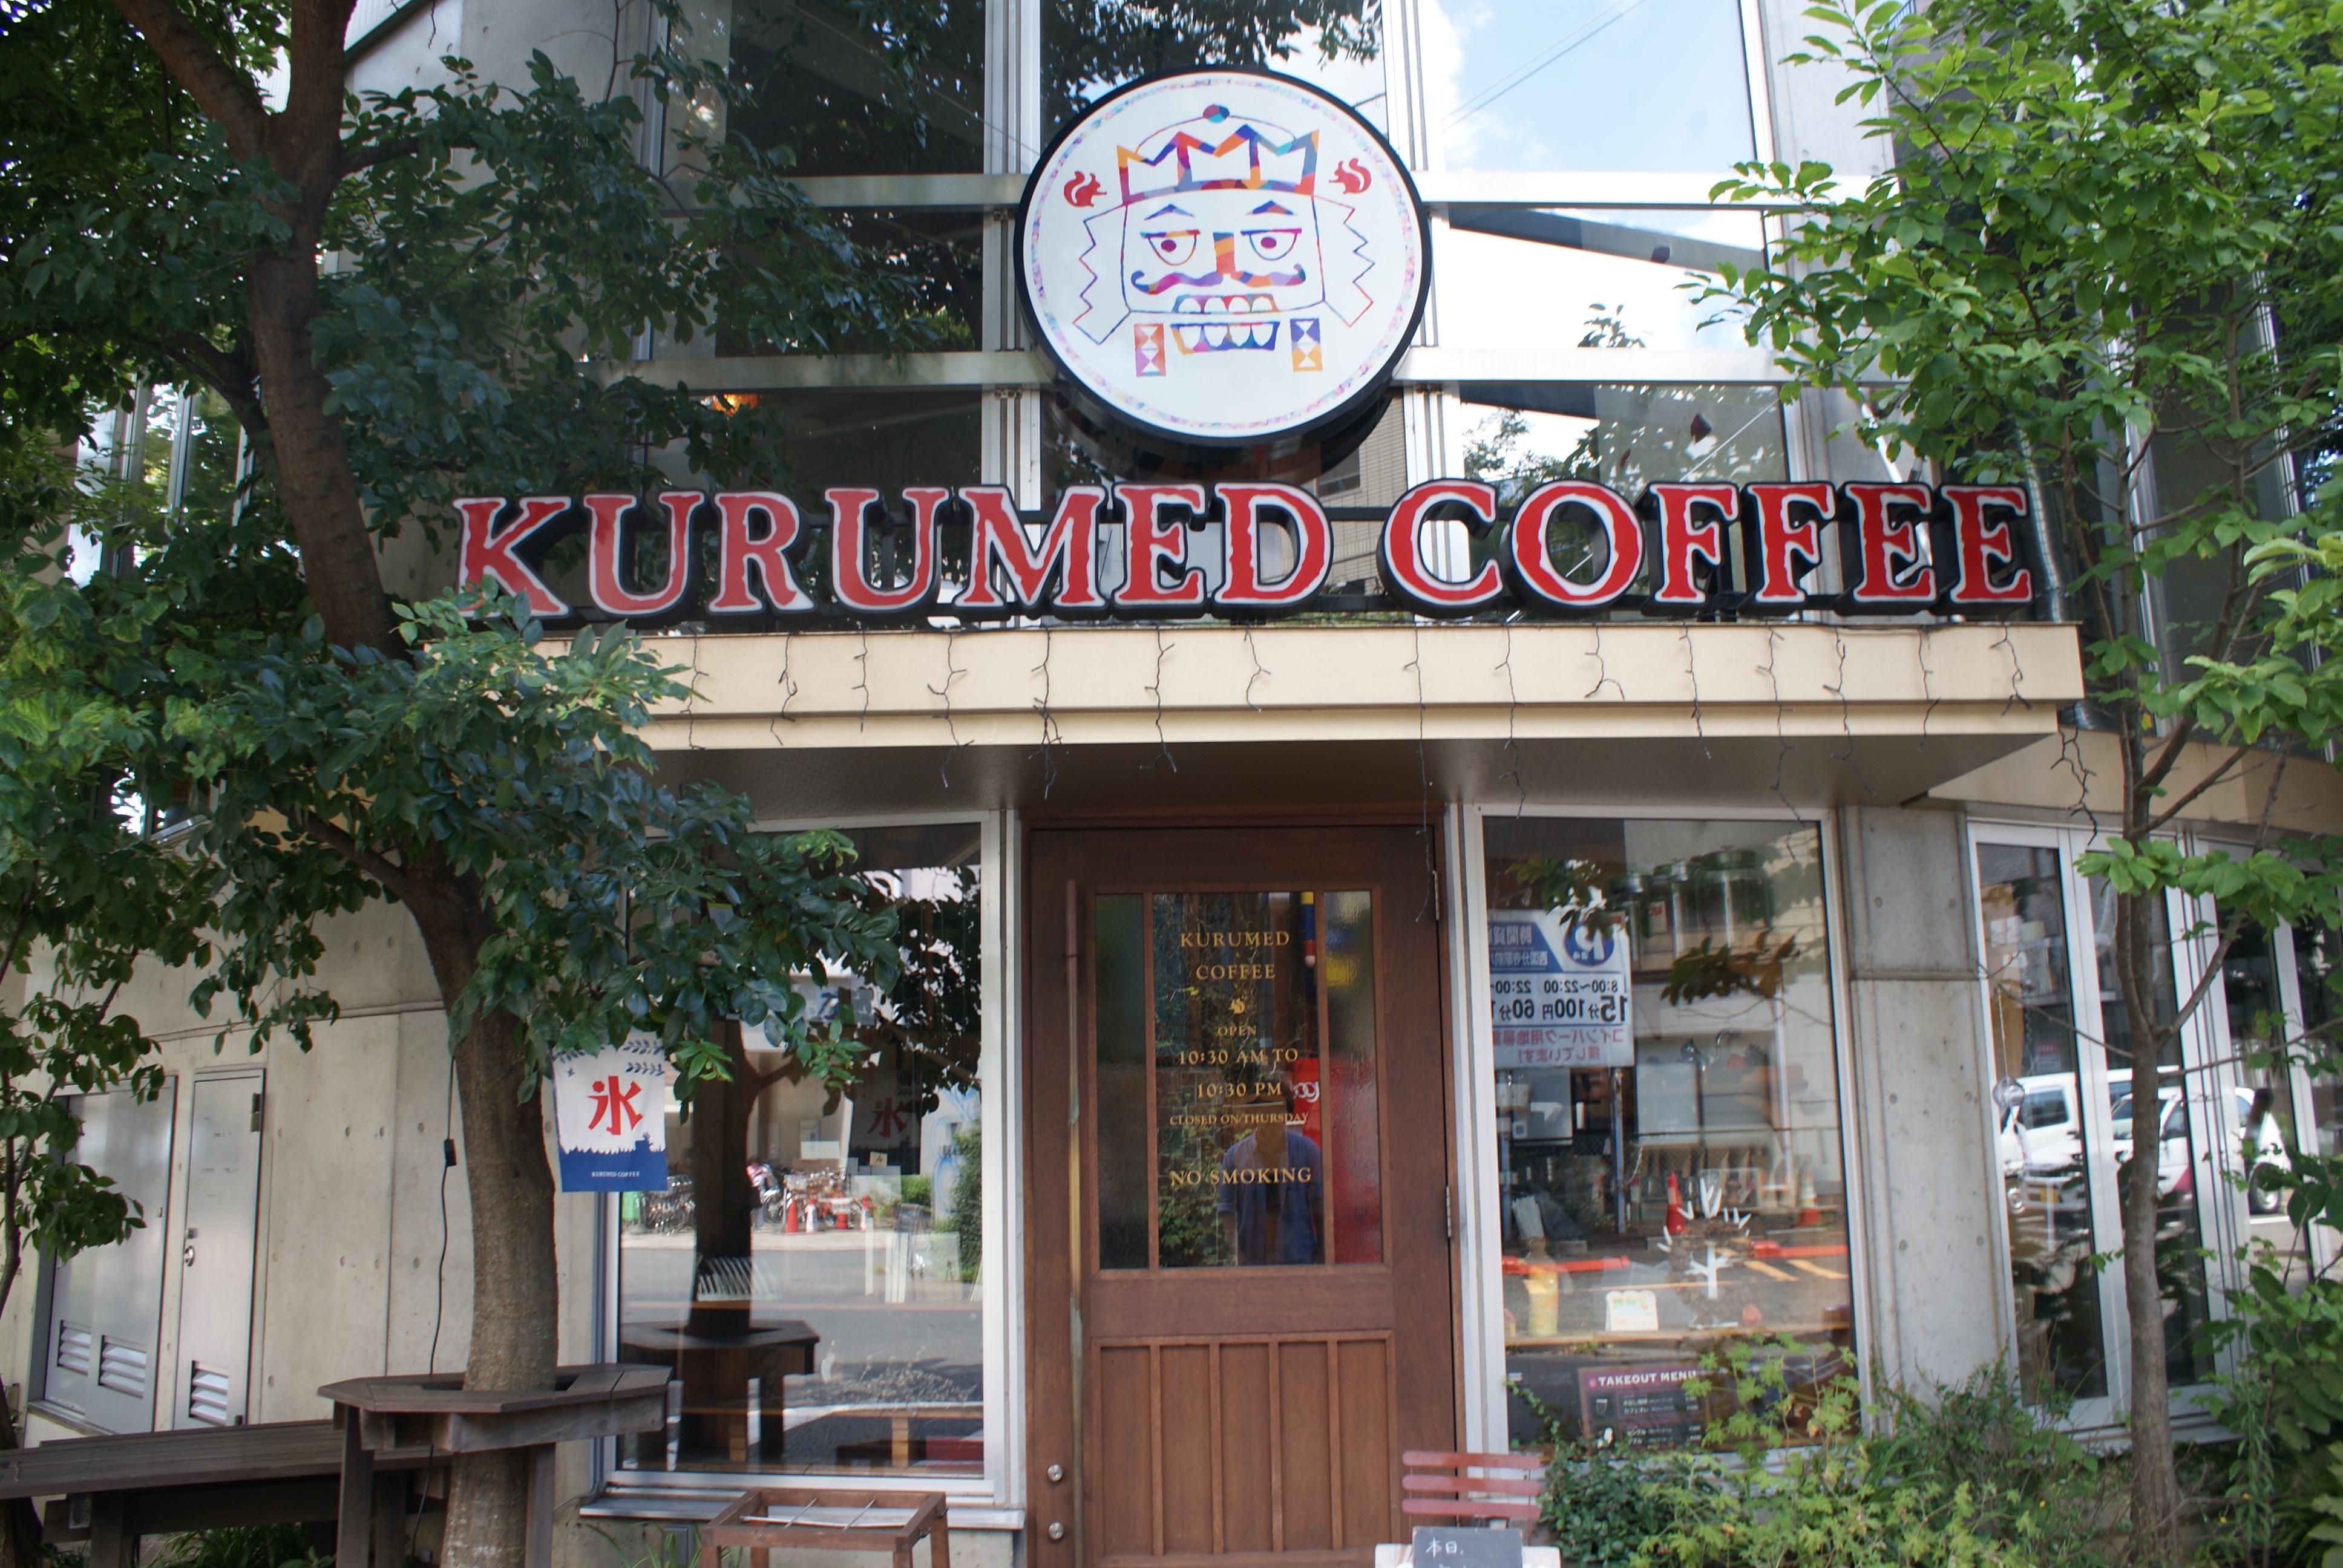 ぶんぶんウォーク開催直前~イベントへの想いを聞いてみた!~vol.3「クルミドコーヒー 吉間久雄さん」